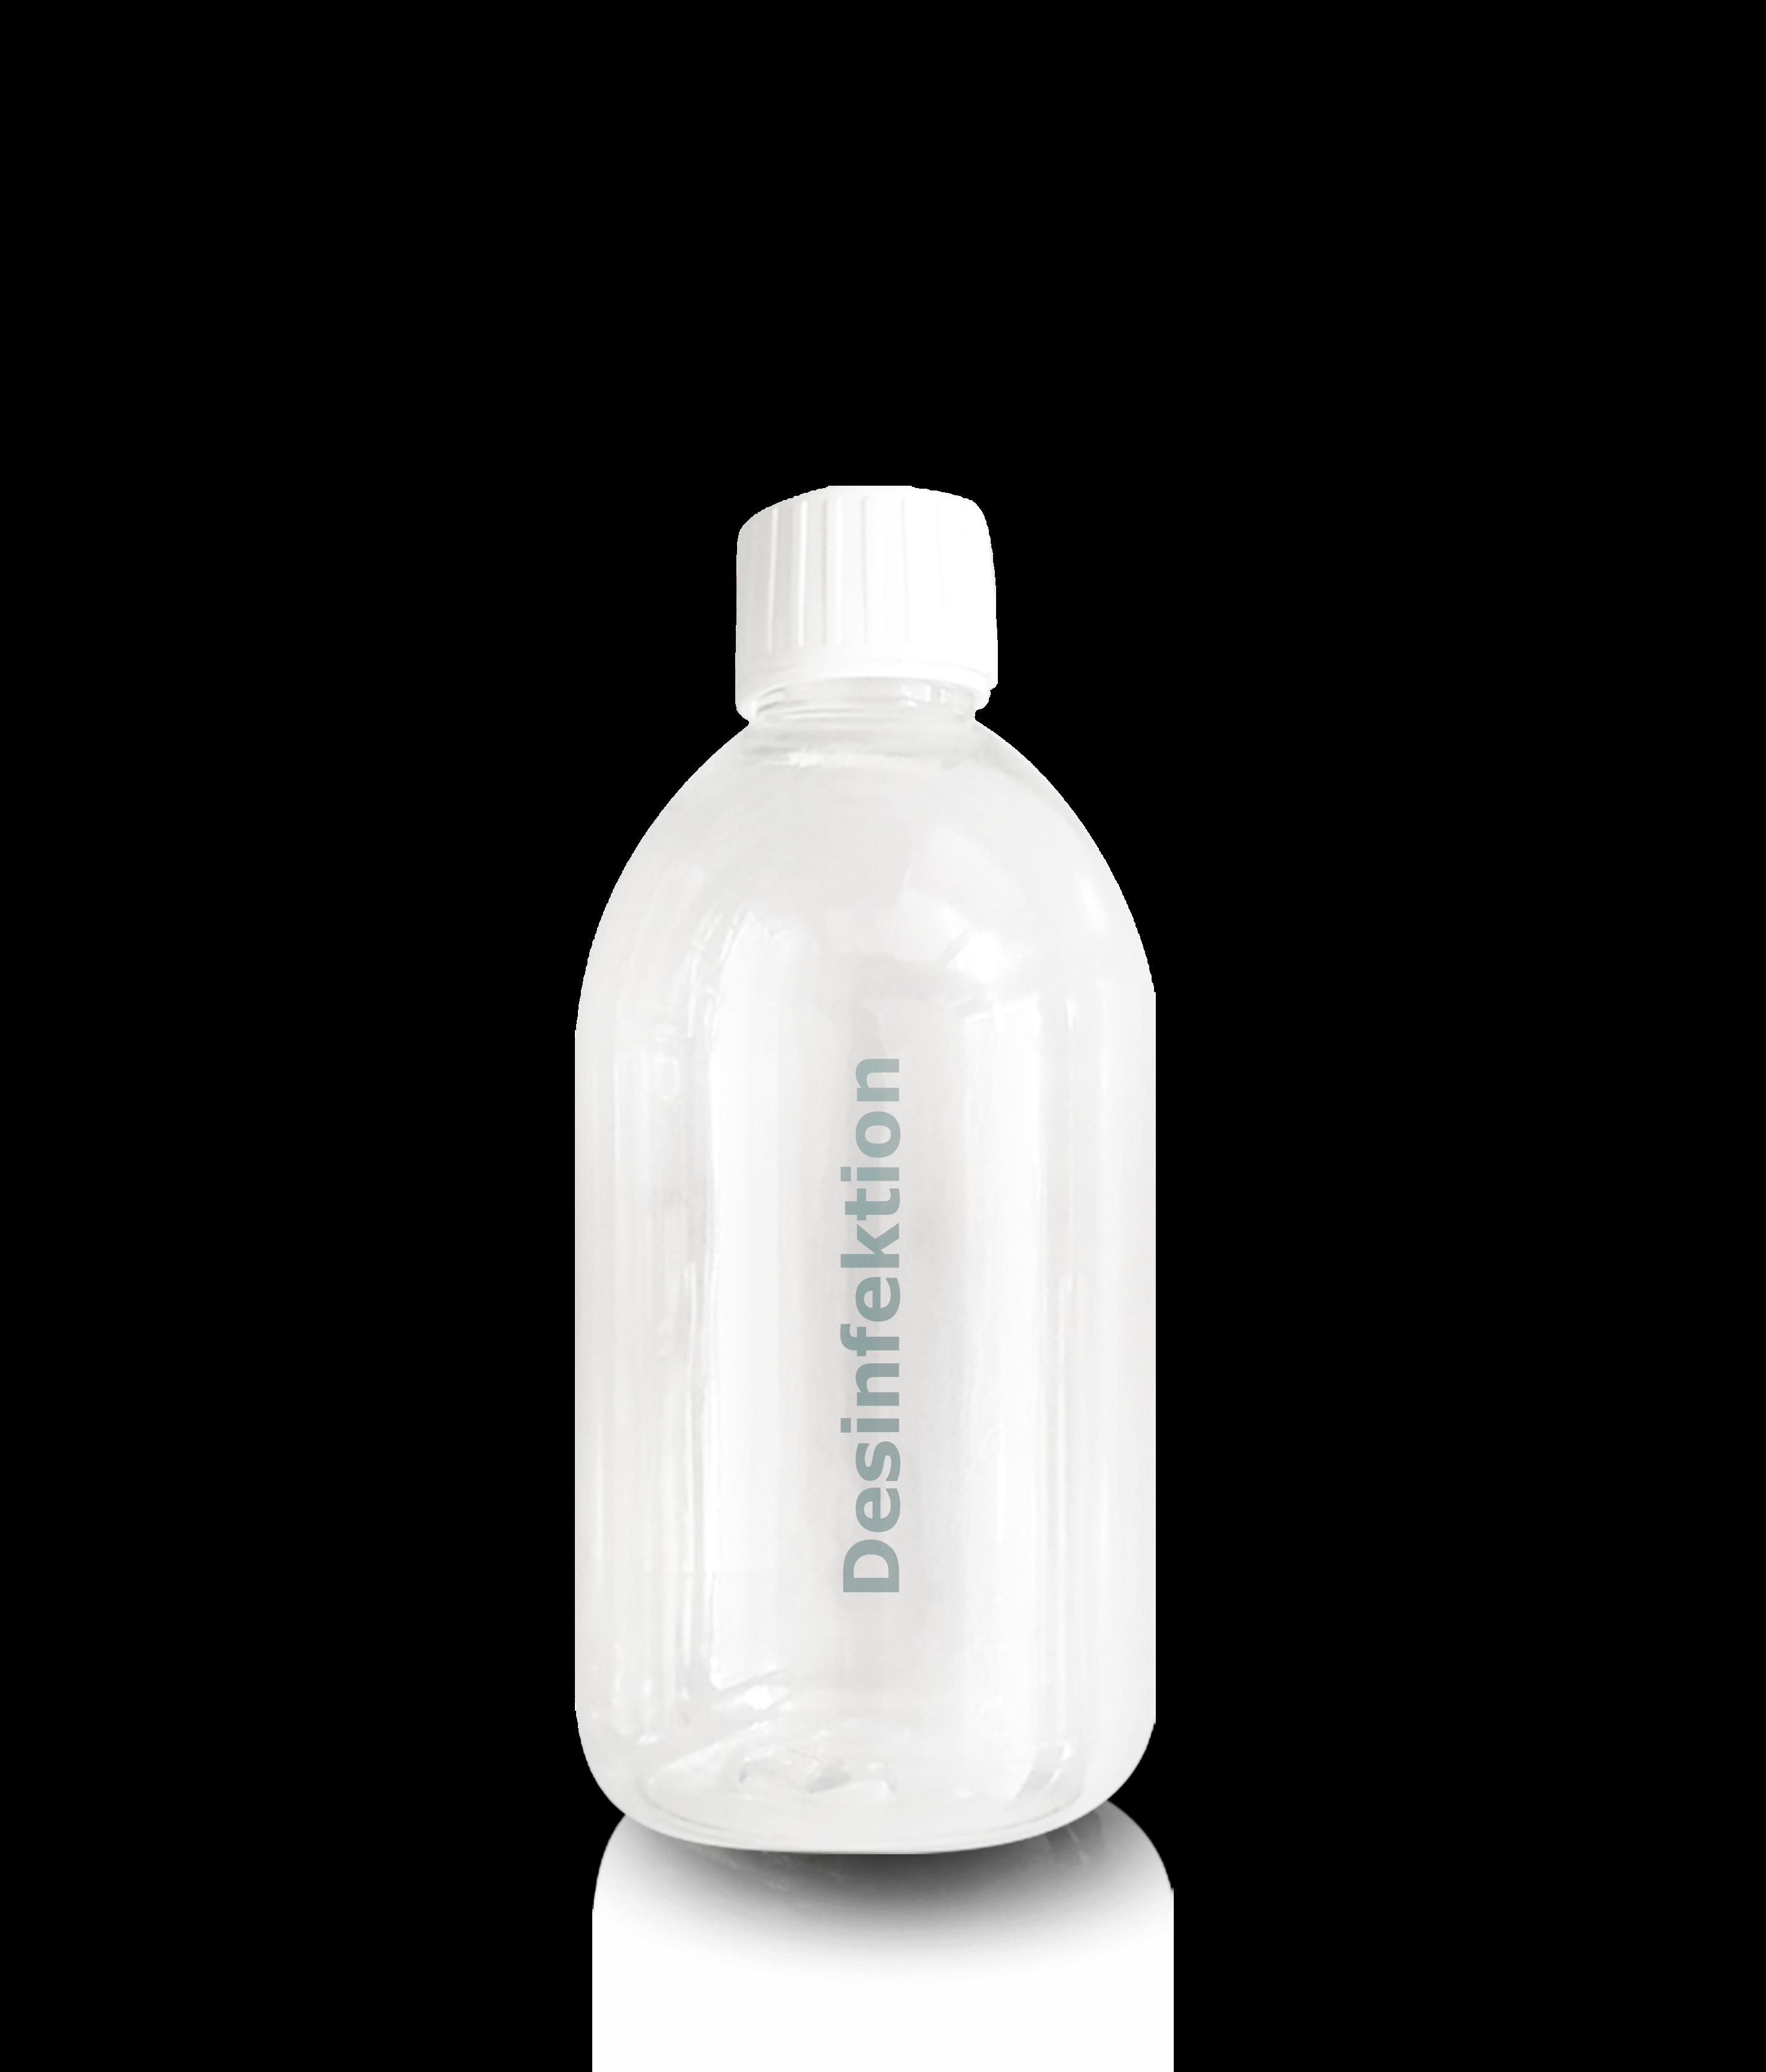 EURO-Flasche | 500 ml